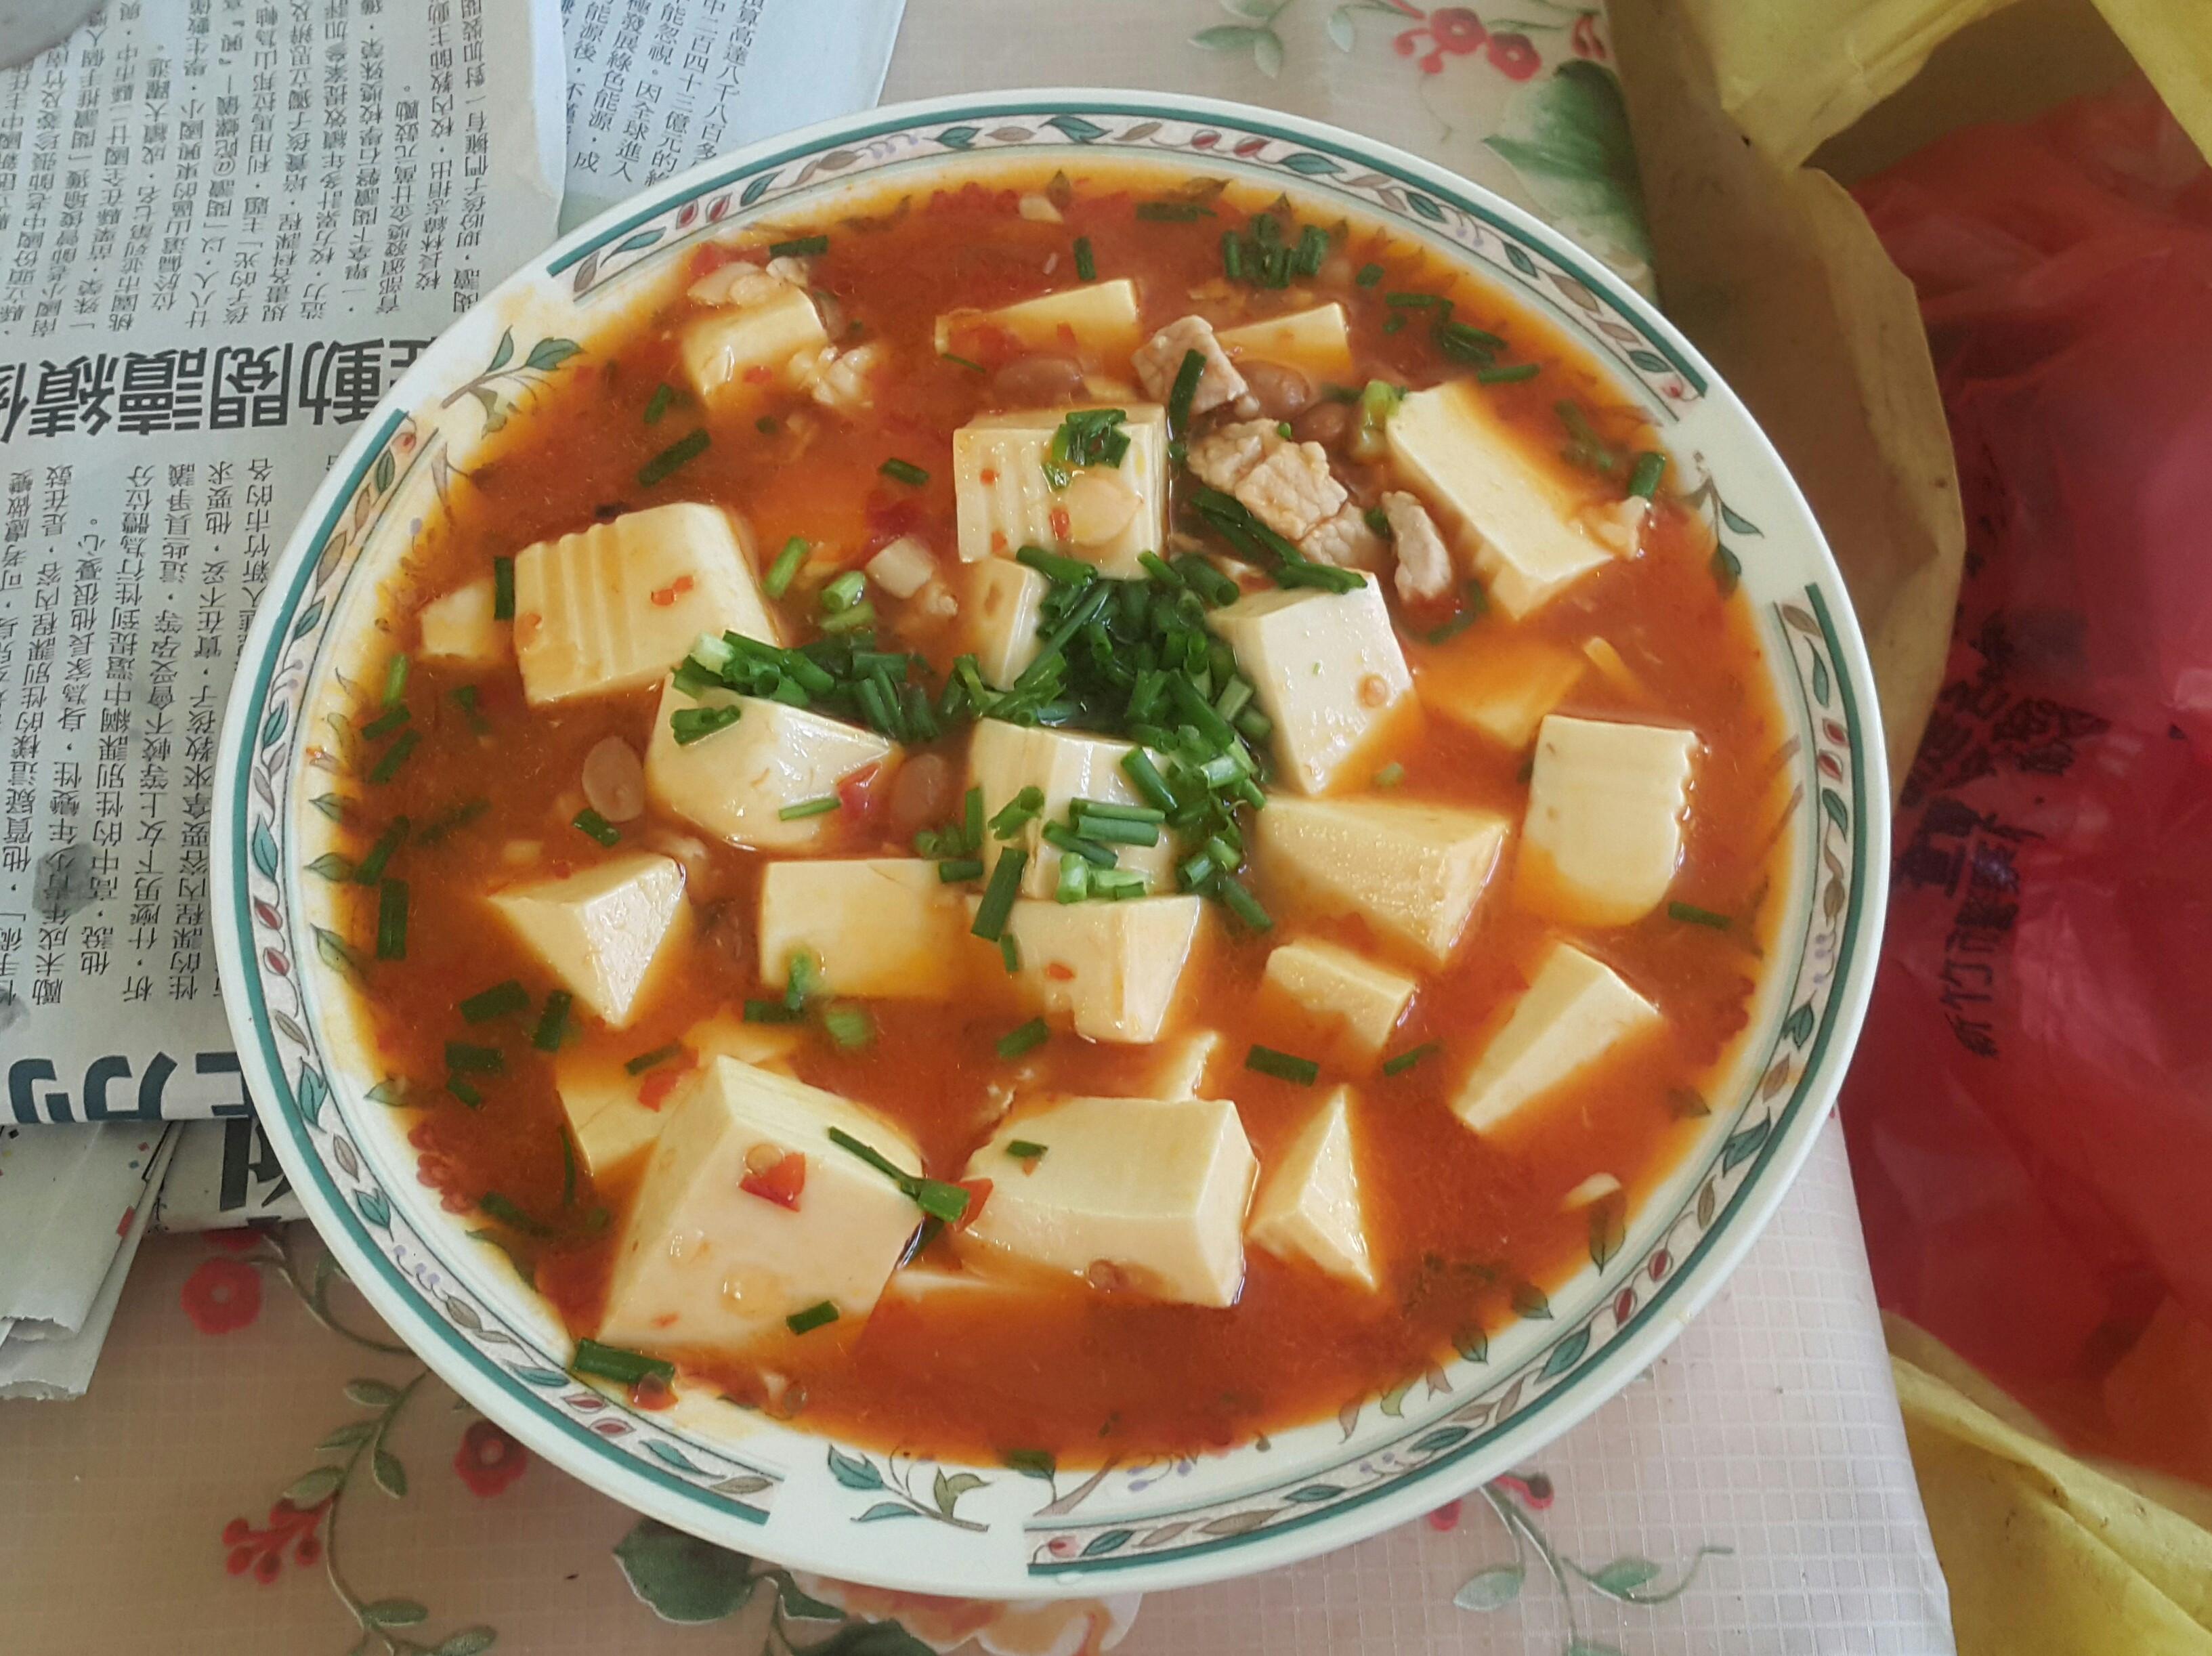 麻婆豆腐(夏天開胃聖品)